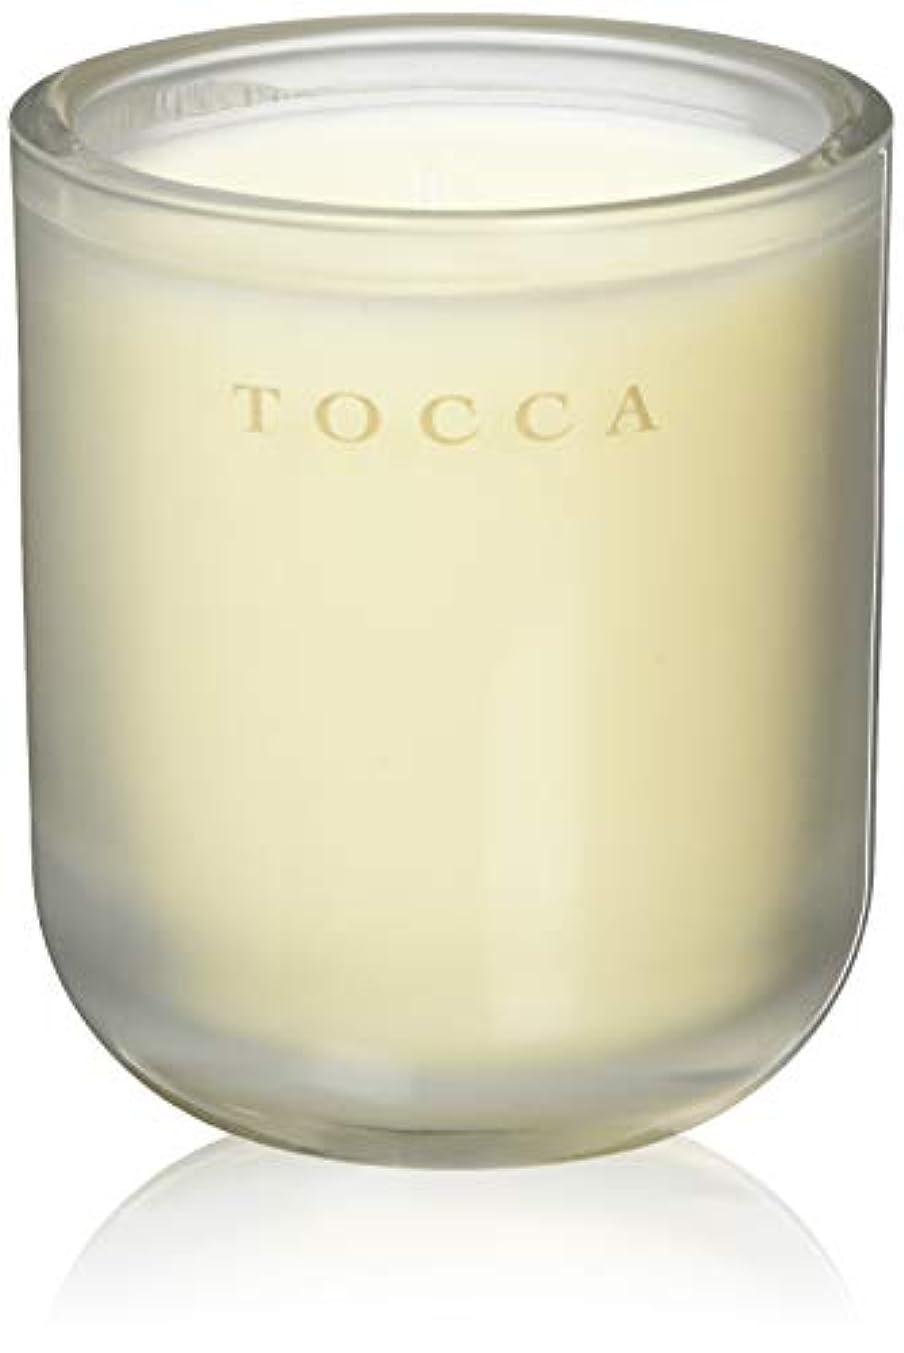 メロドラマティックやむを得ない喜びTOCCA(トッカ) ボヤージュ キャンドル バレンシア 287g (ろうそく 芳香 オレンジとベルガモットのフレッシュシトラスな香り)